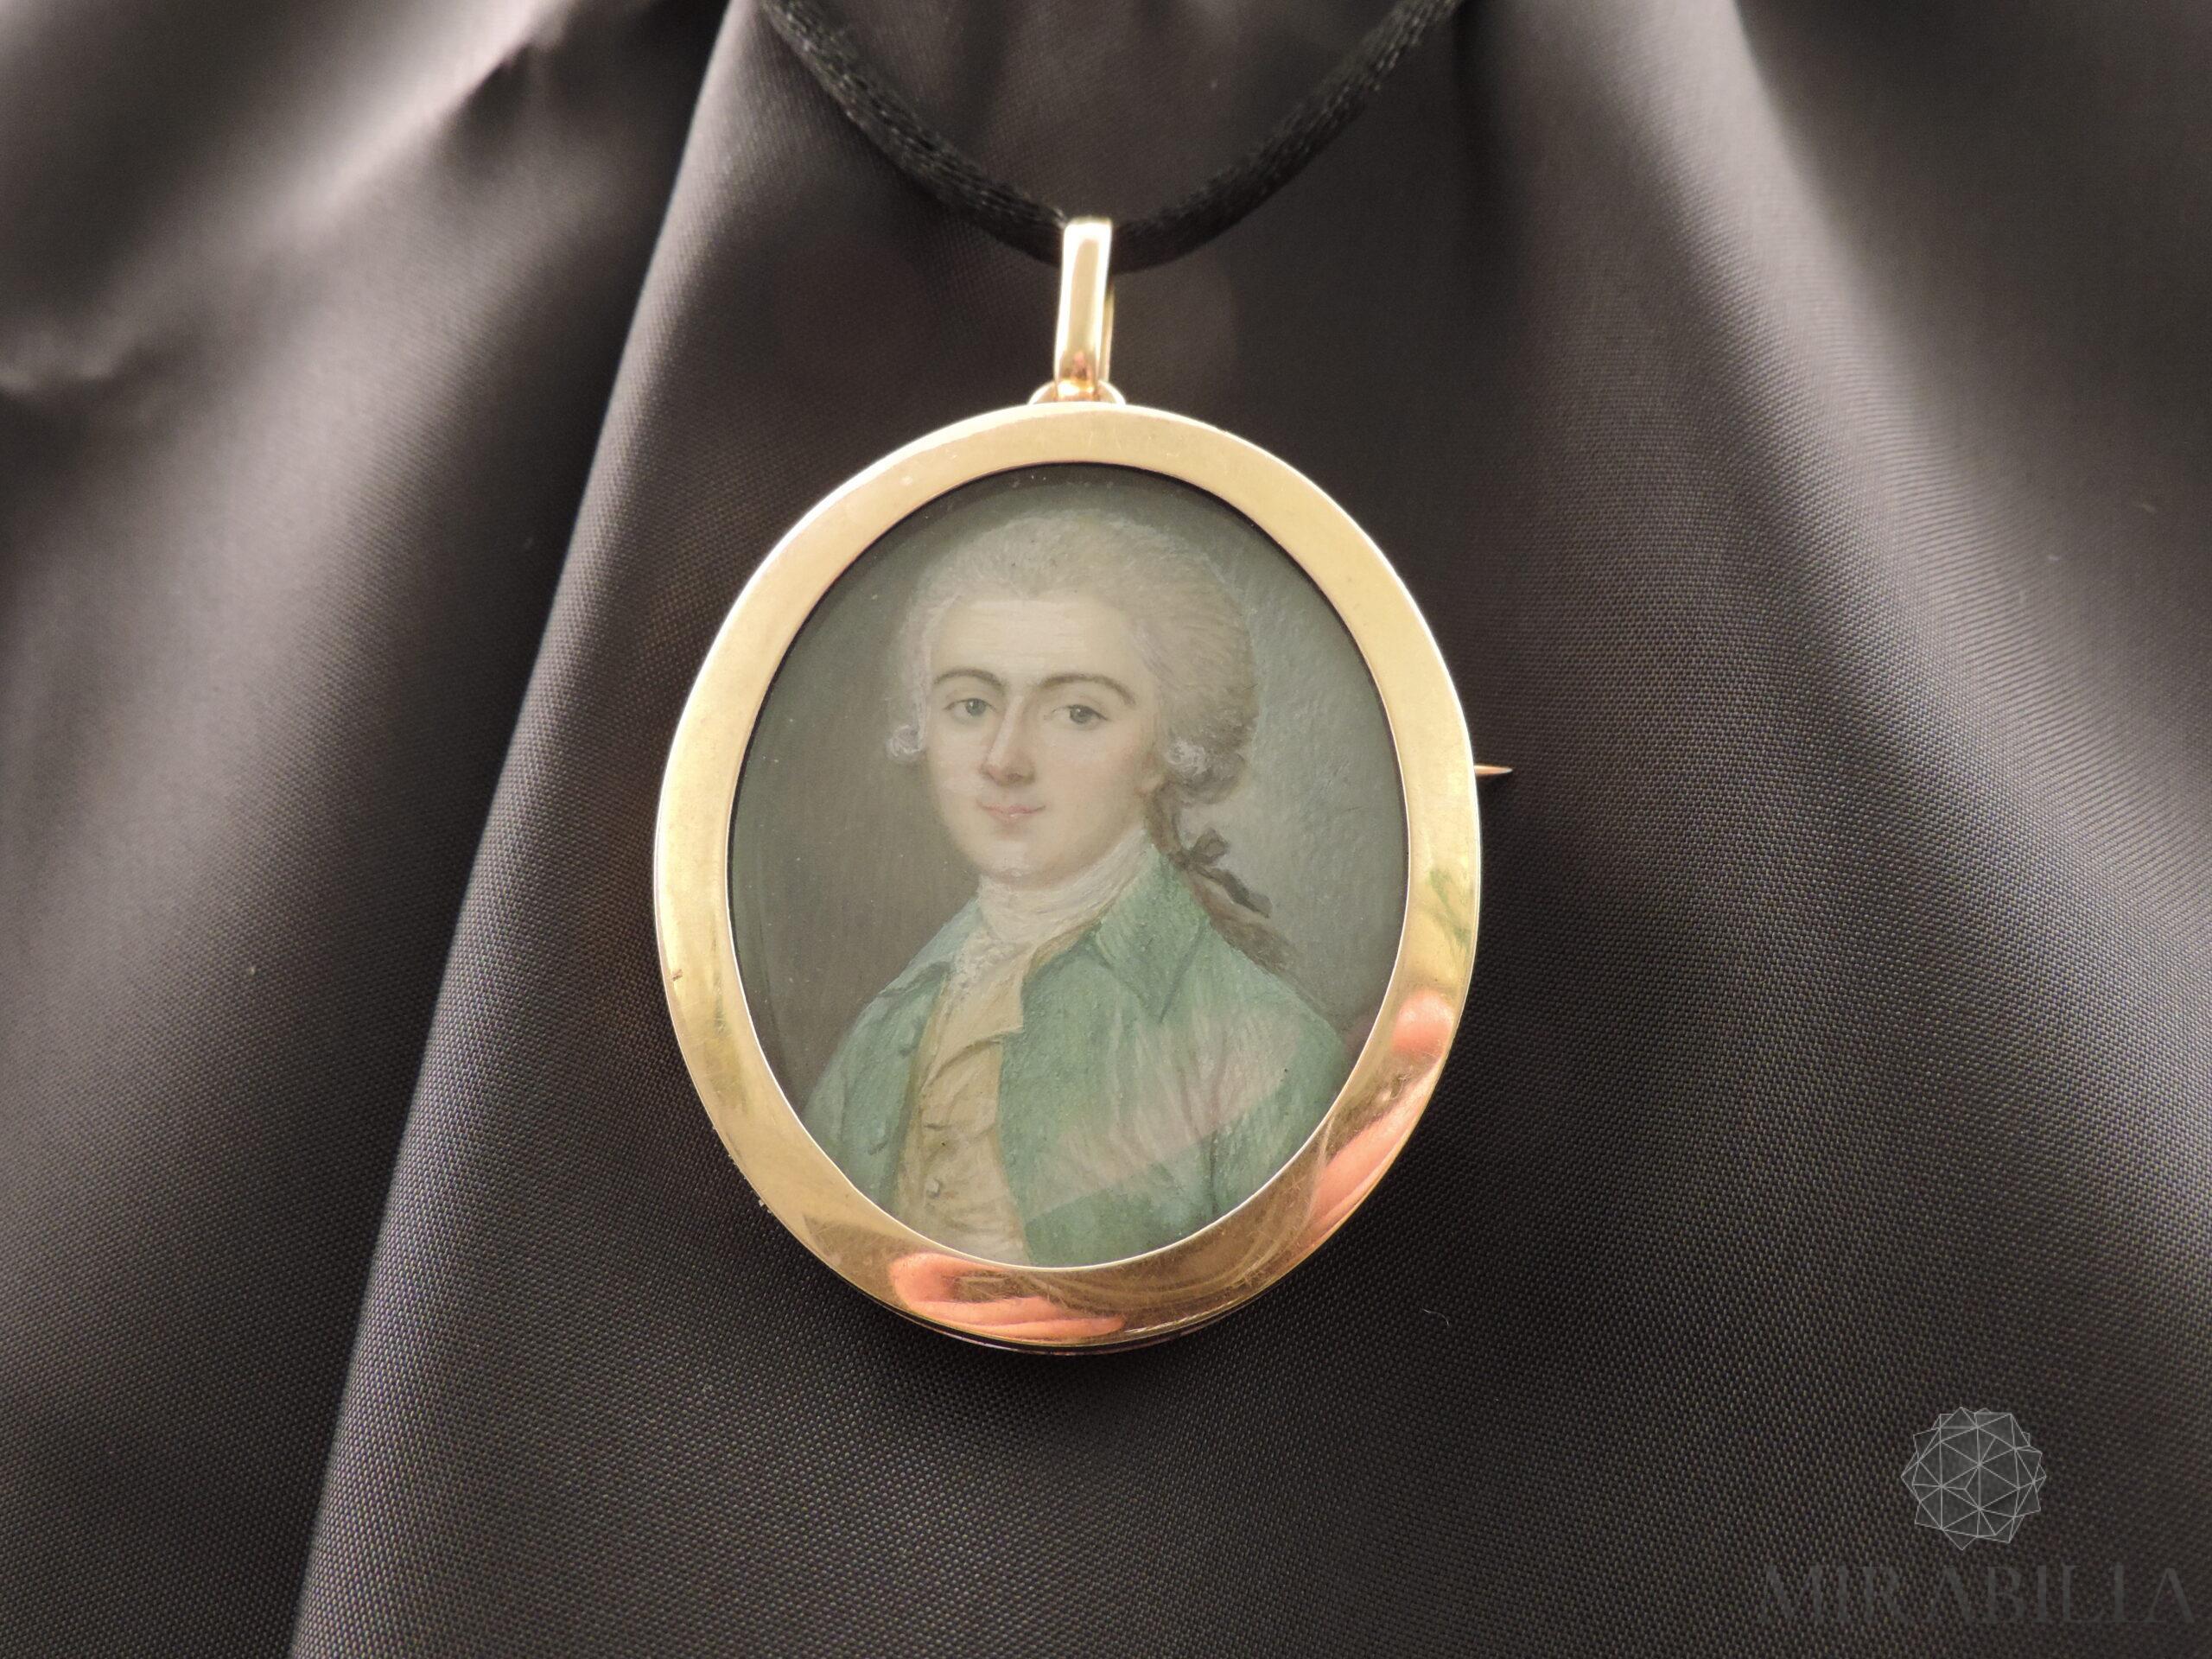 Ritratto-miniatura di un giovane, realizzato su lastra di avorio e montato su un medaglione in oro giallo 18 ct